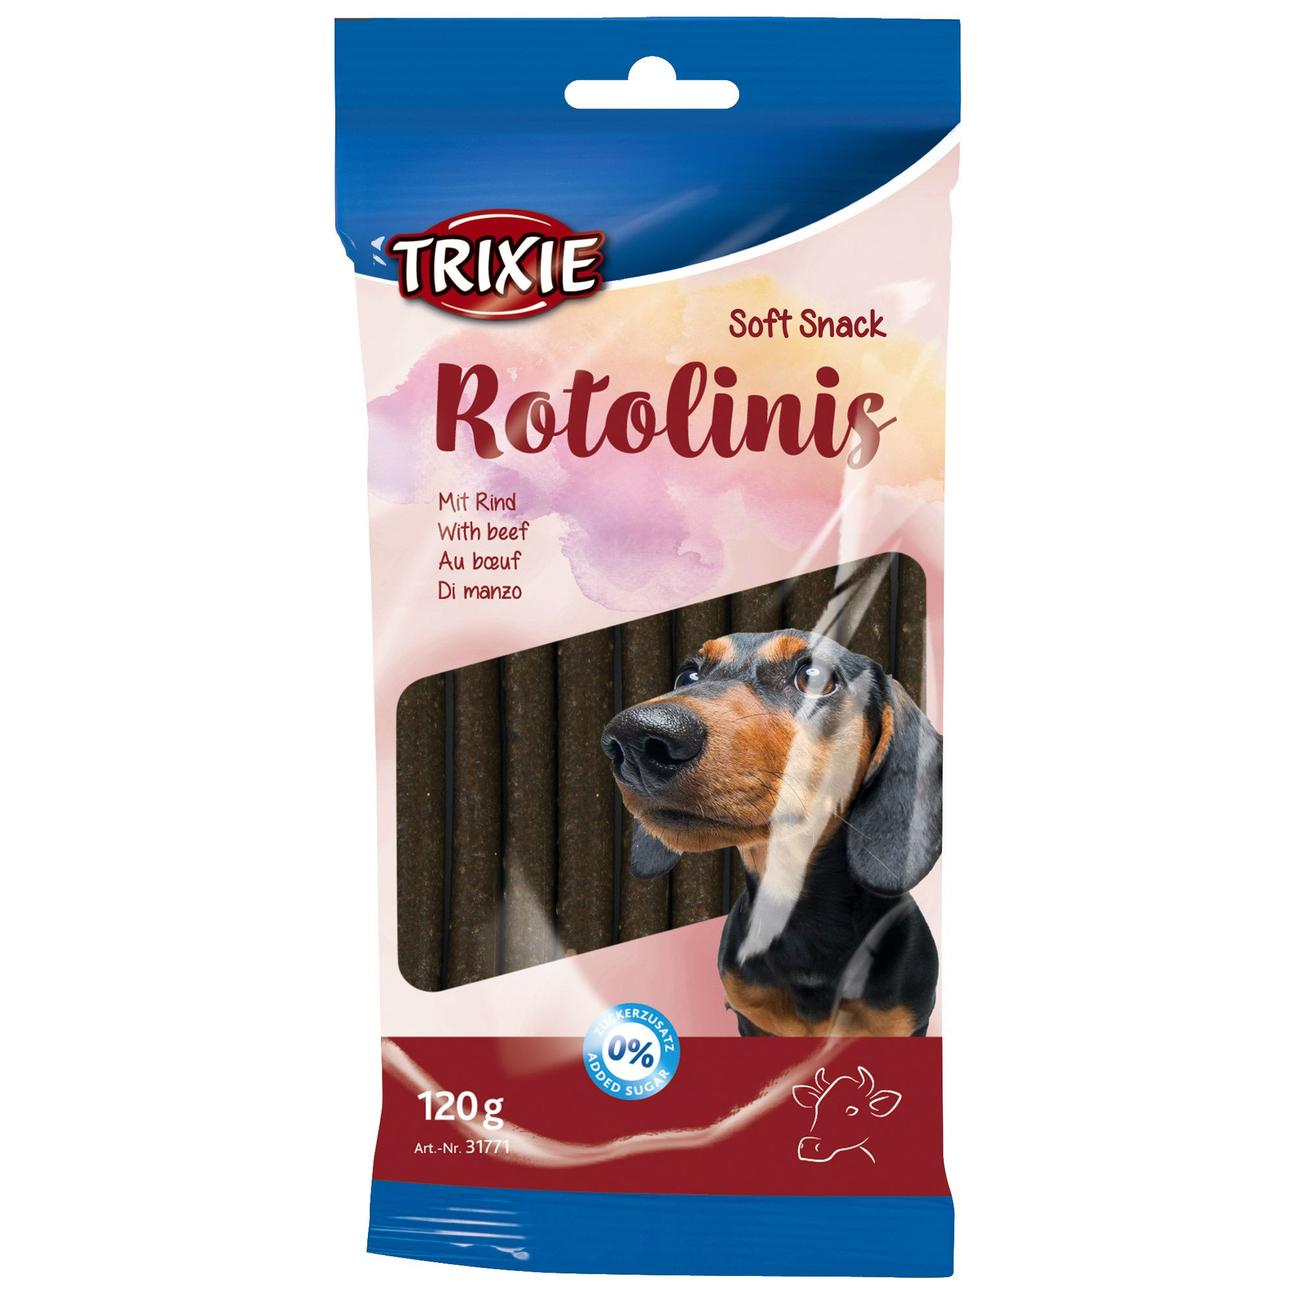 Trixie Kaustangen Hund Rotolinis, Rind, 12 Stück, 120 g, ca. 12 cm